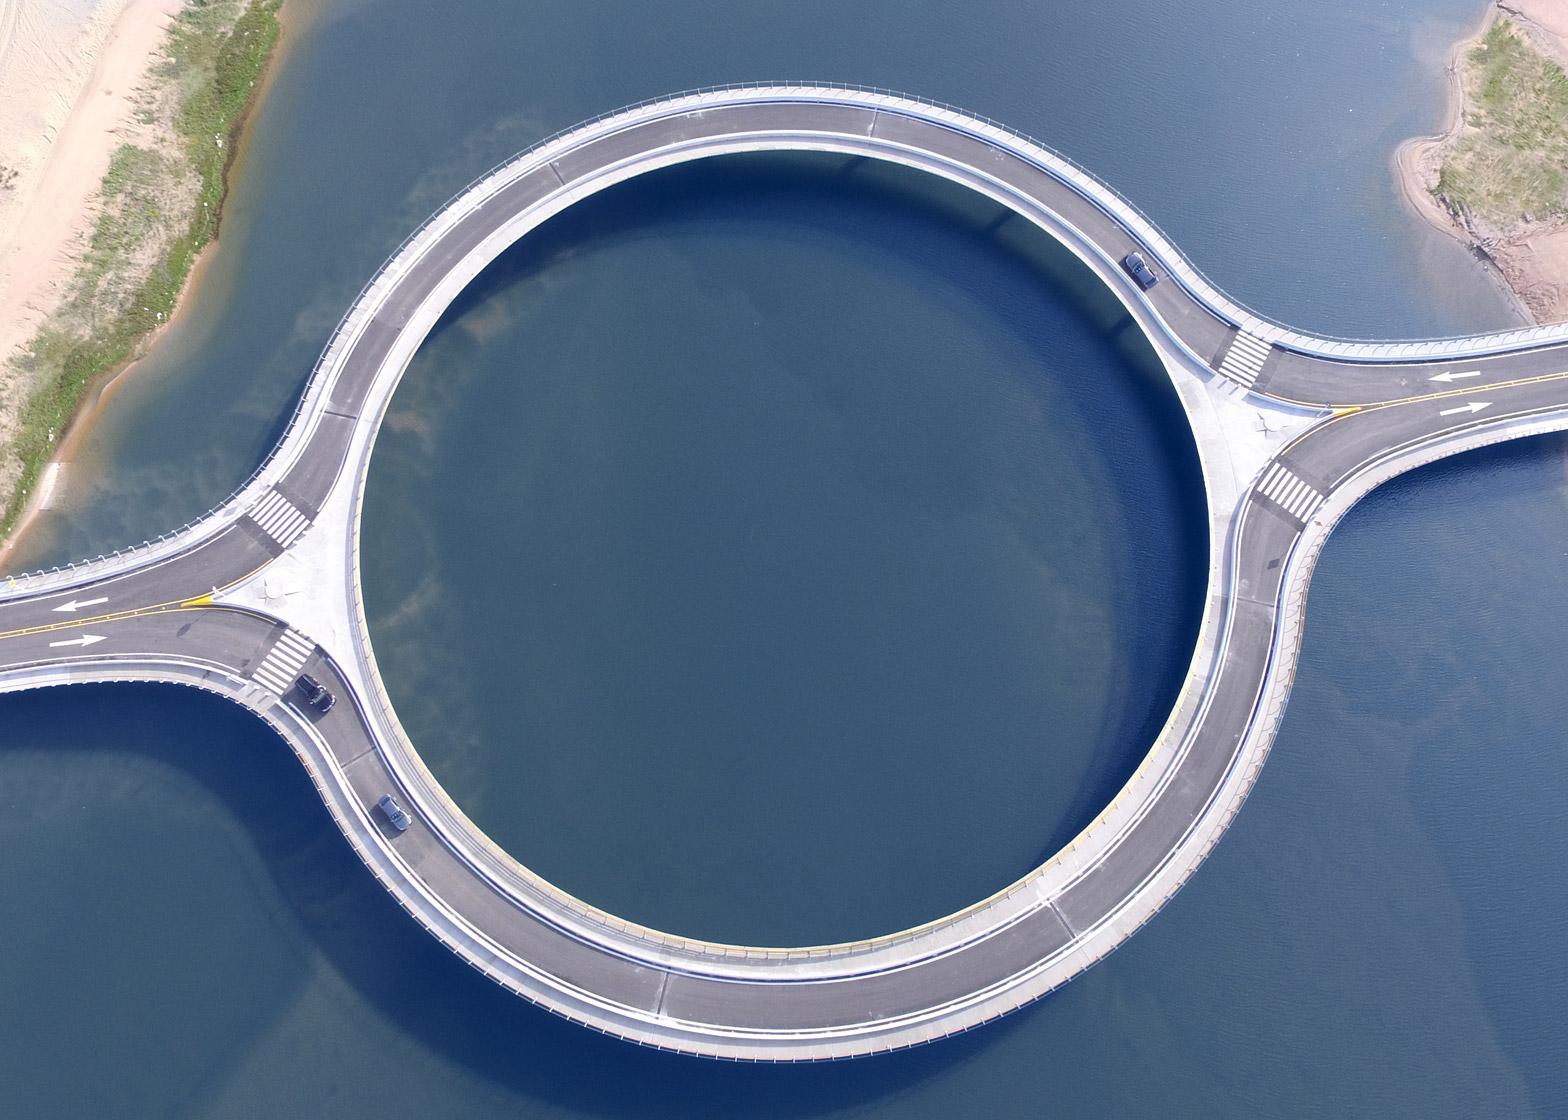 Un étonnant pont circulaire, conçu par Rafael Viñoly